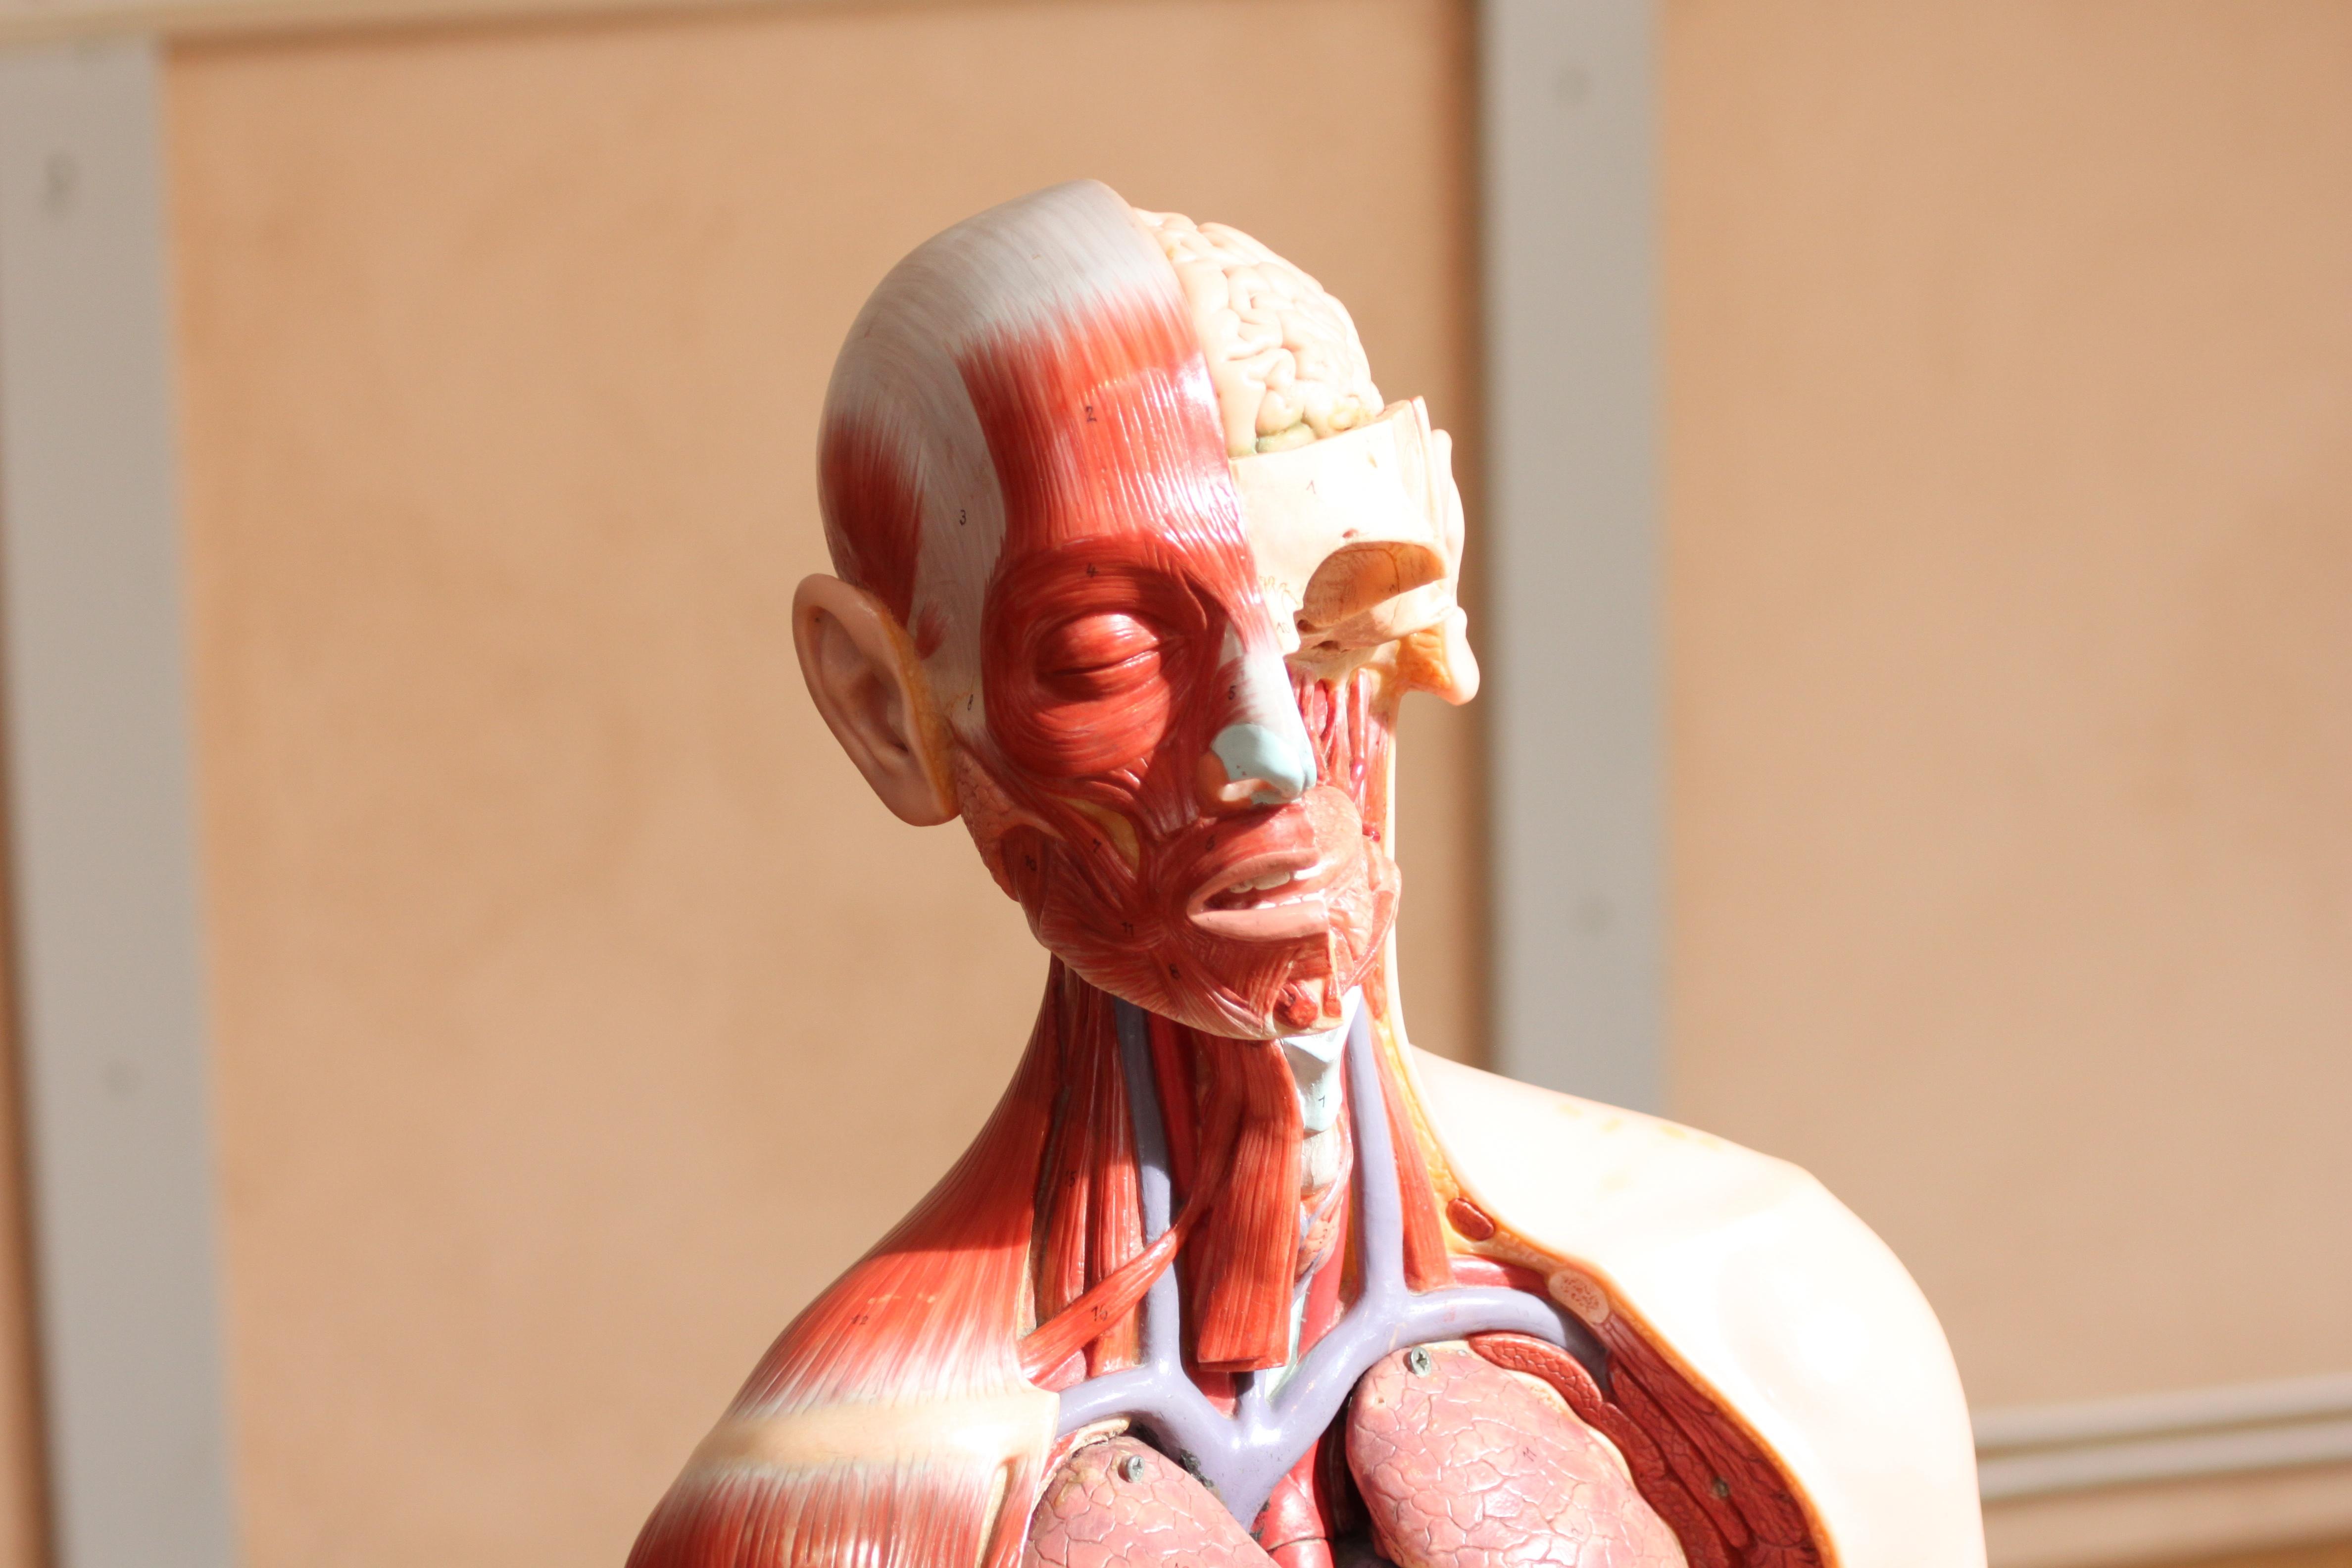 Fotos gratis : persona, modelo, rojo, brazo, músculo, pecho, cuerpo ...